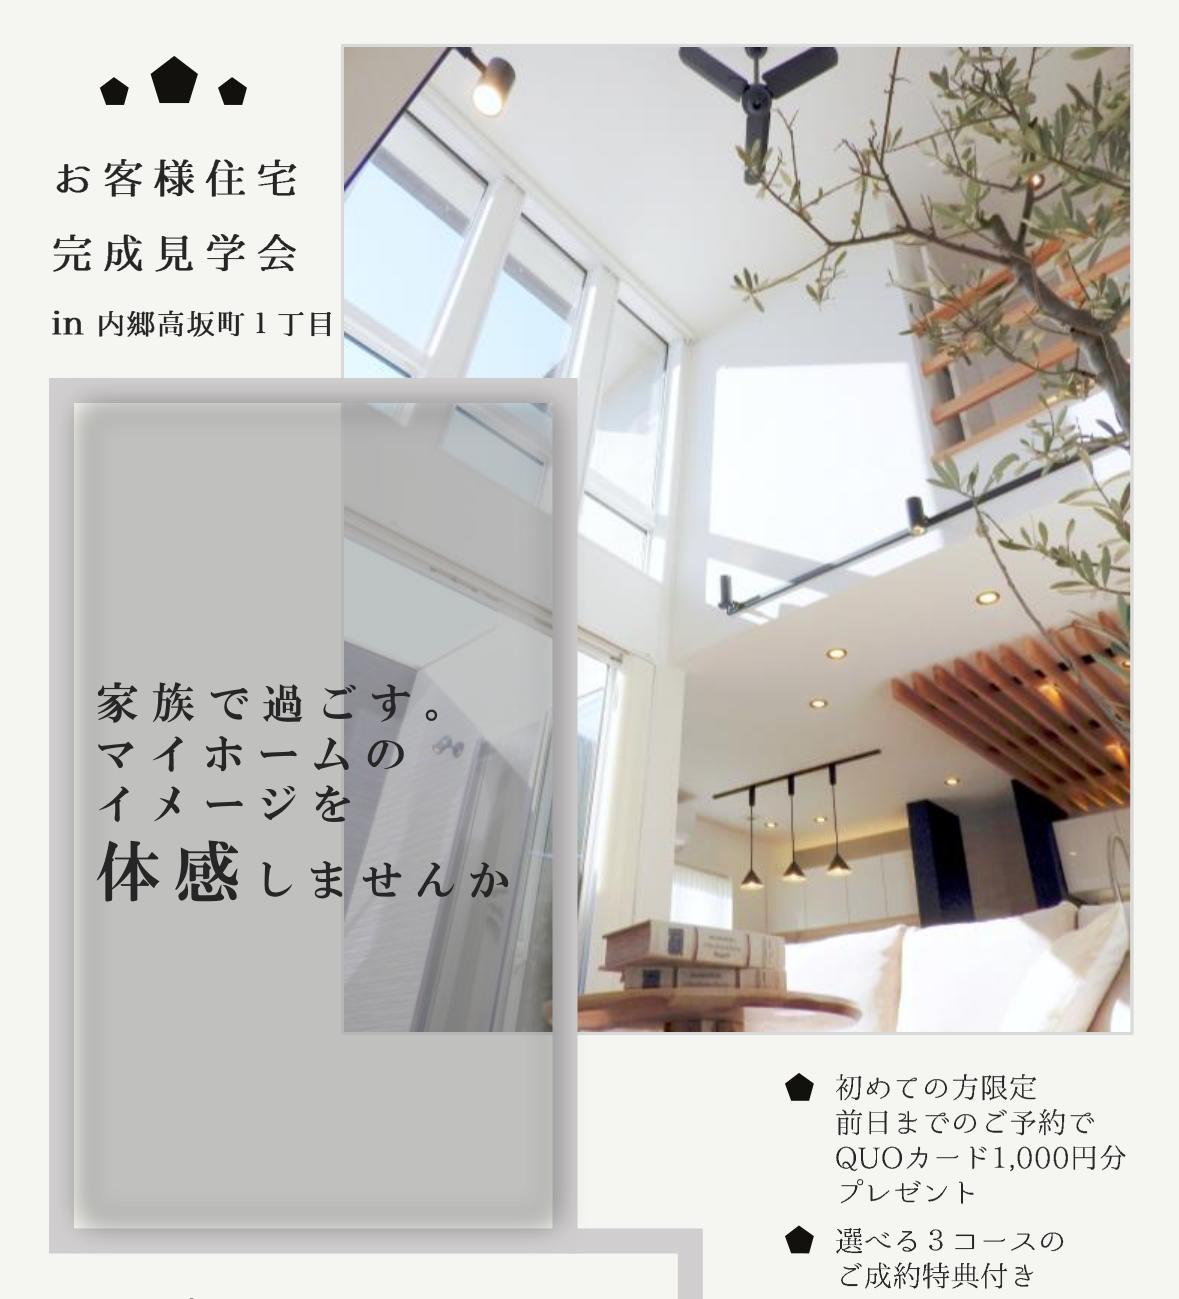 【予約制】2/27(土)28(日)完成見学会/内郷高坂町